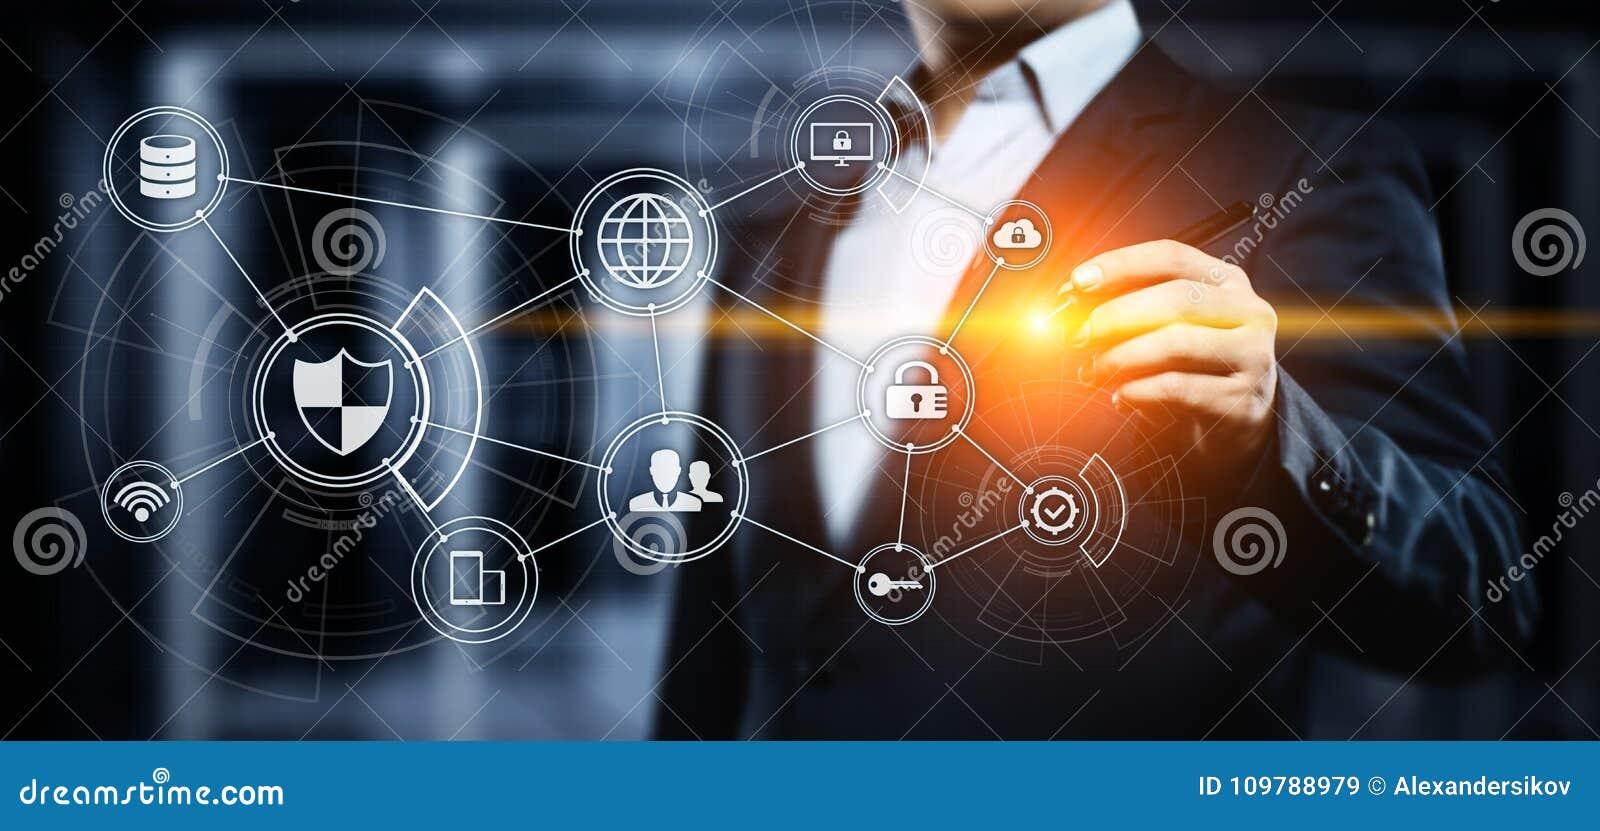 De Commerciële van de de Veiligheidsprivacy van gegevensbeschermingcyber Technologieconcept van Internet